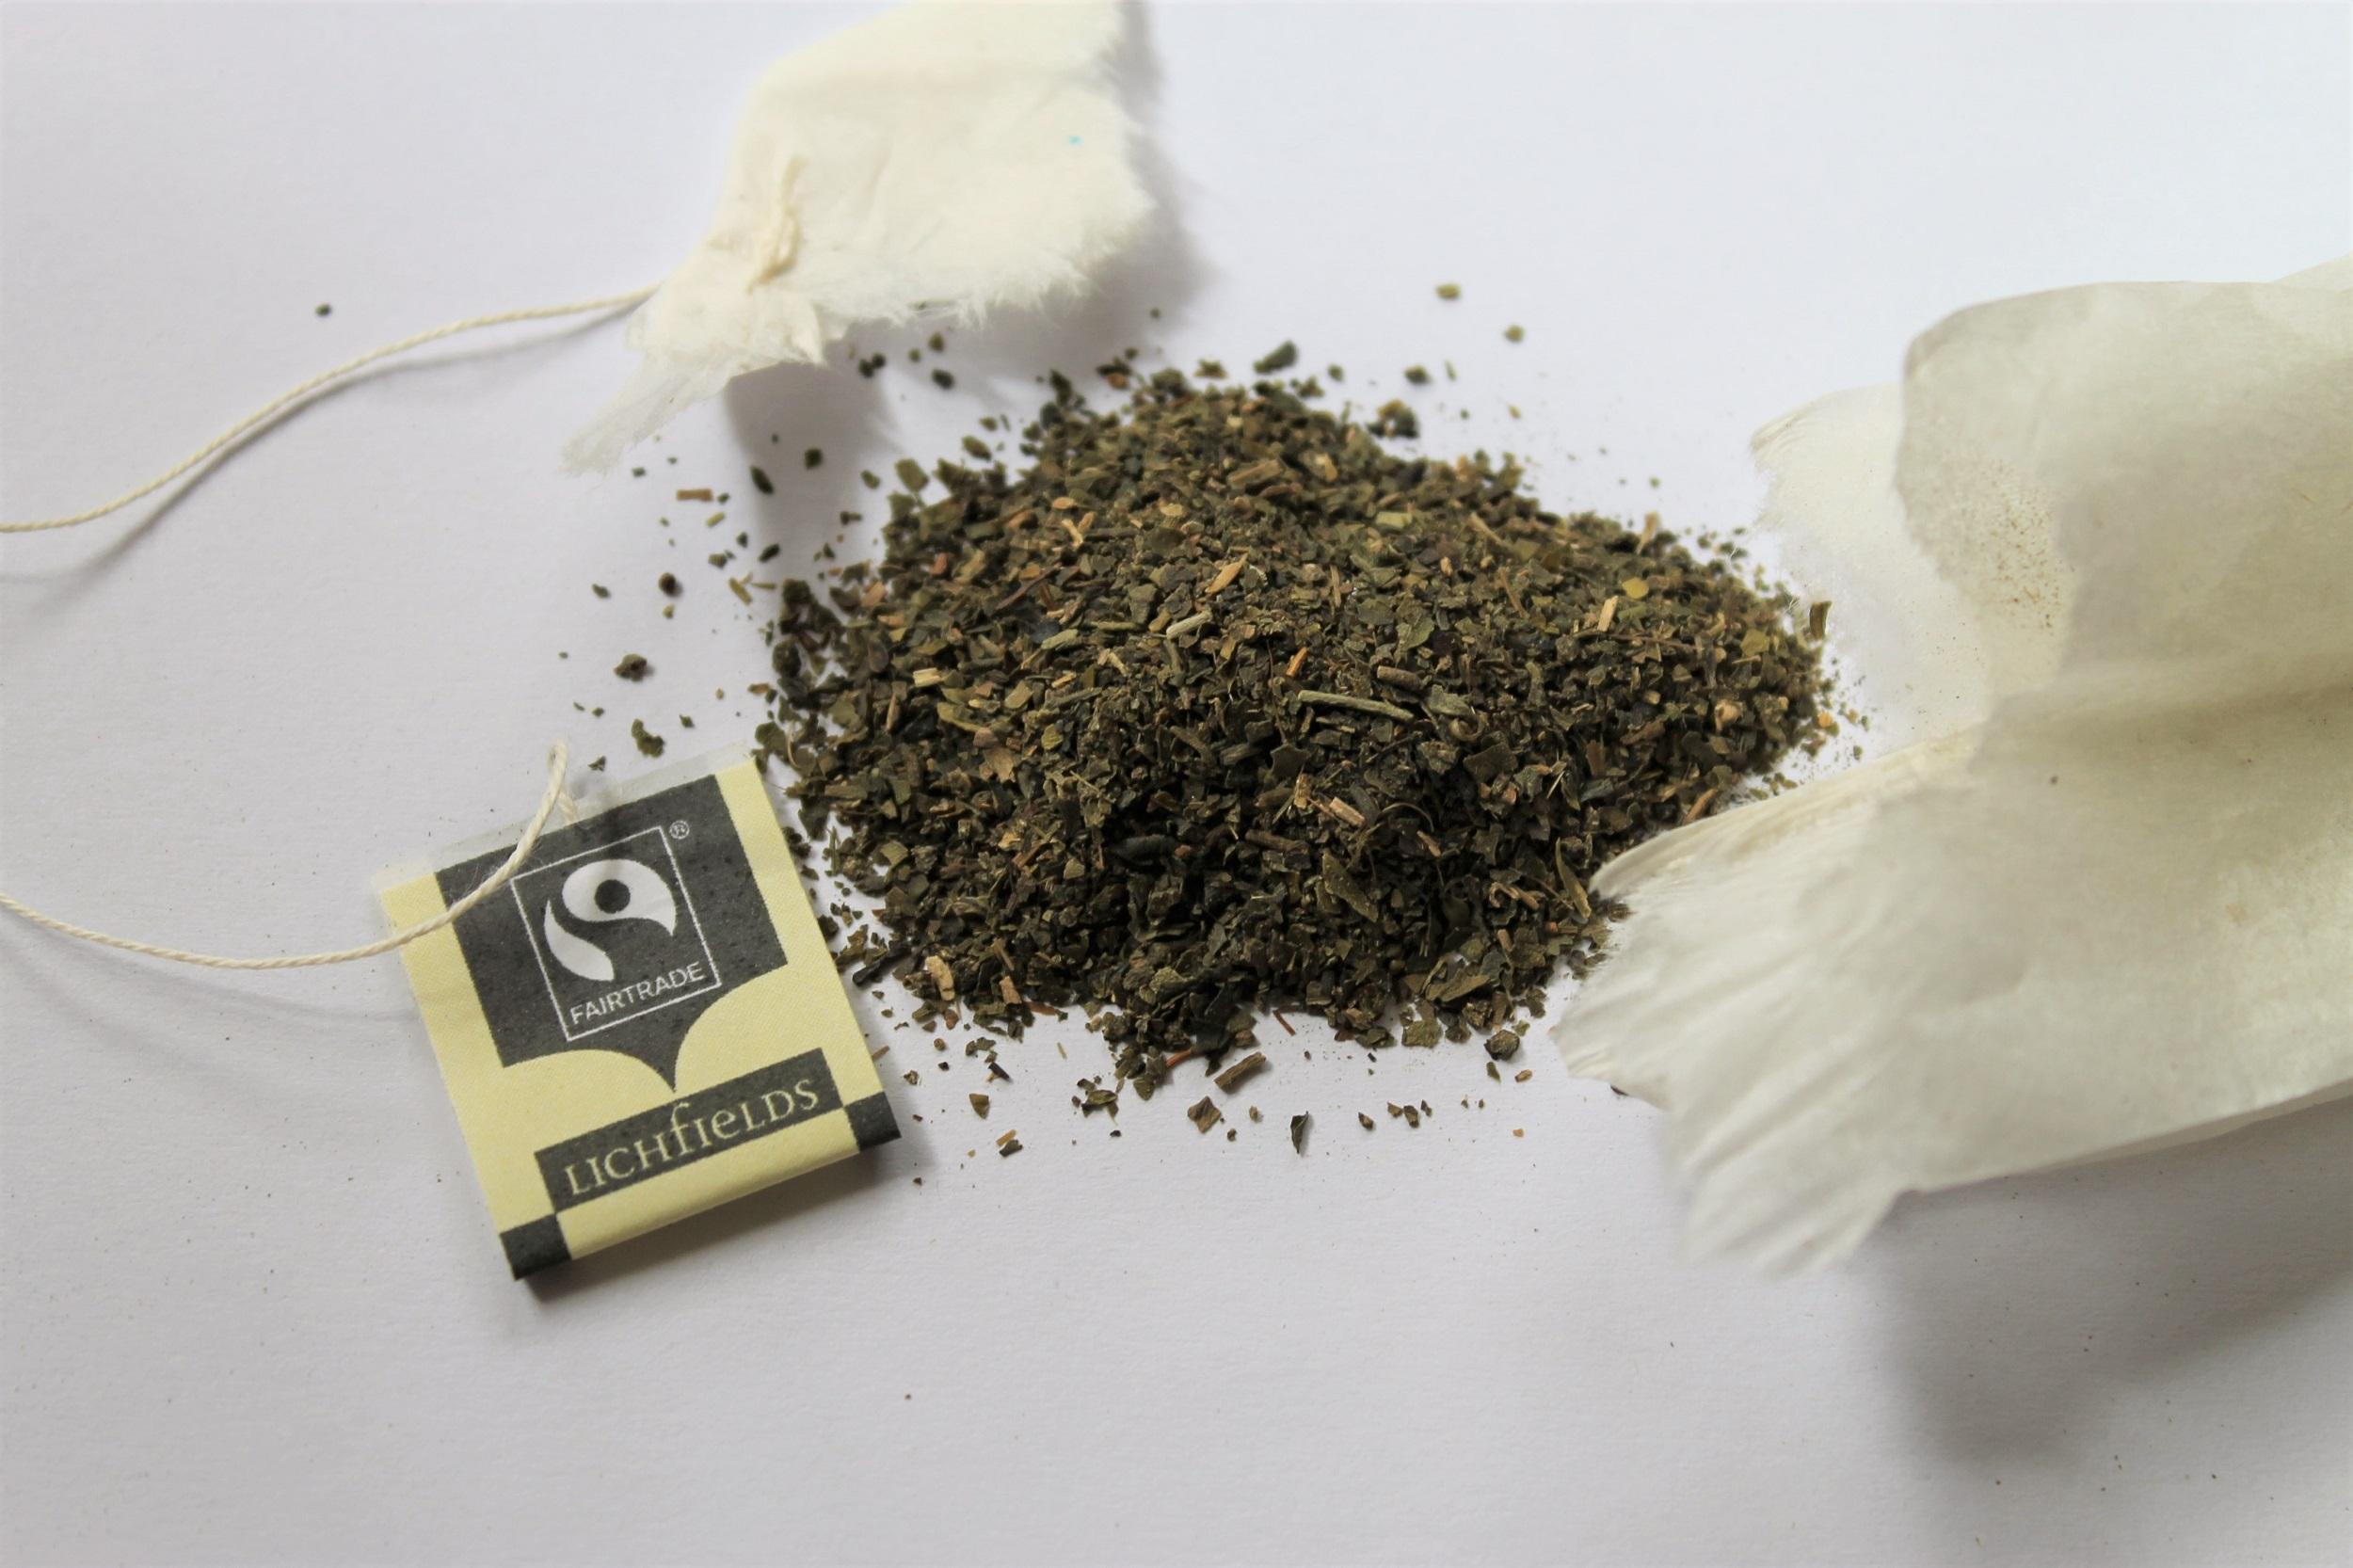 green tea leaves from lichfields teabag